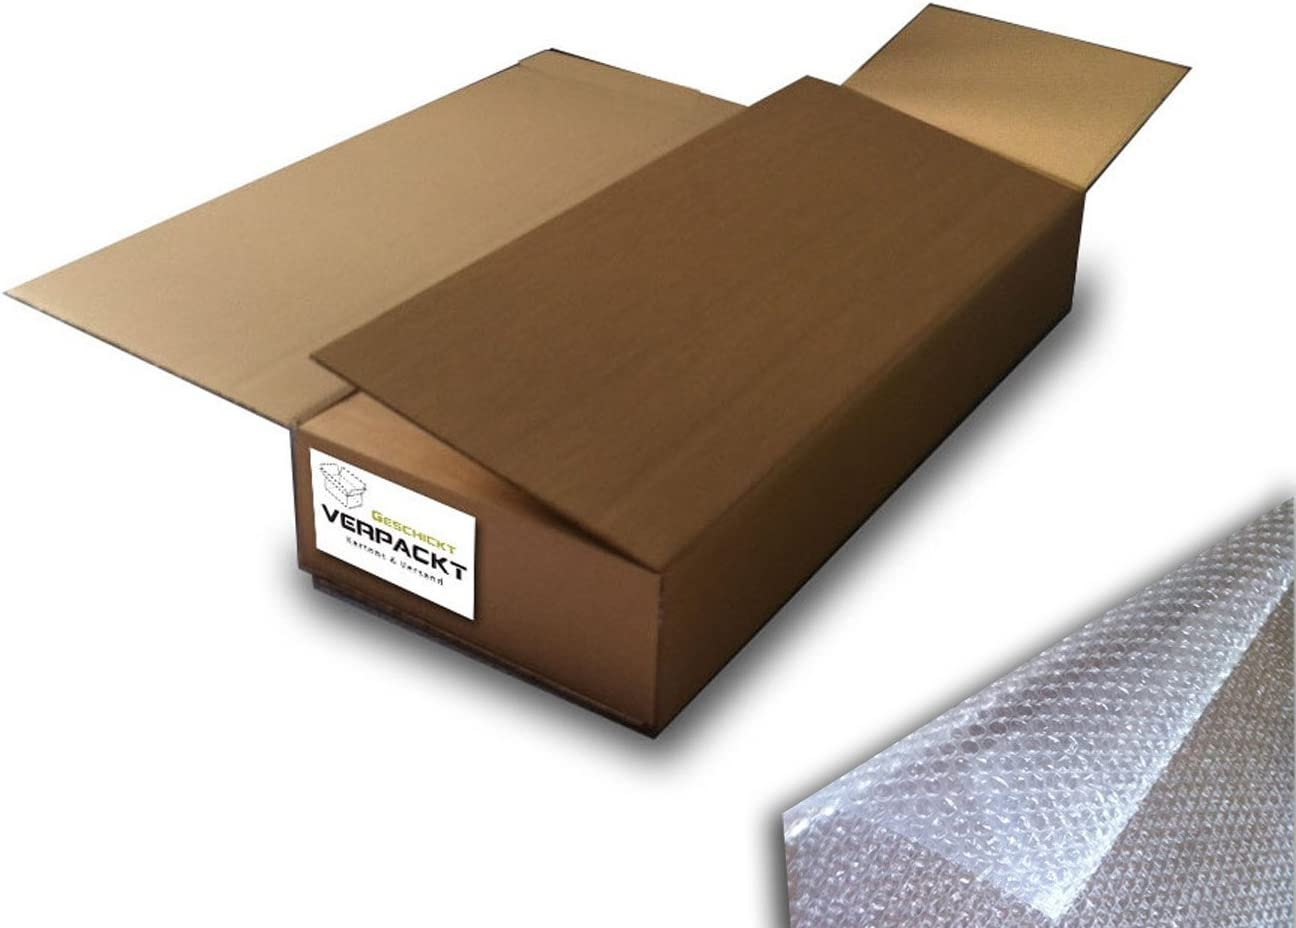 Guitarra cartón 1194 x 489 x 205 mm Plus de burbujas 4 m 120 cm de ancho: Amazon.es: Oficina y papelería